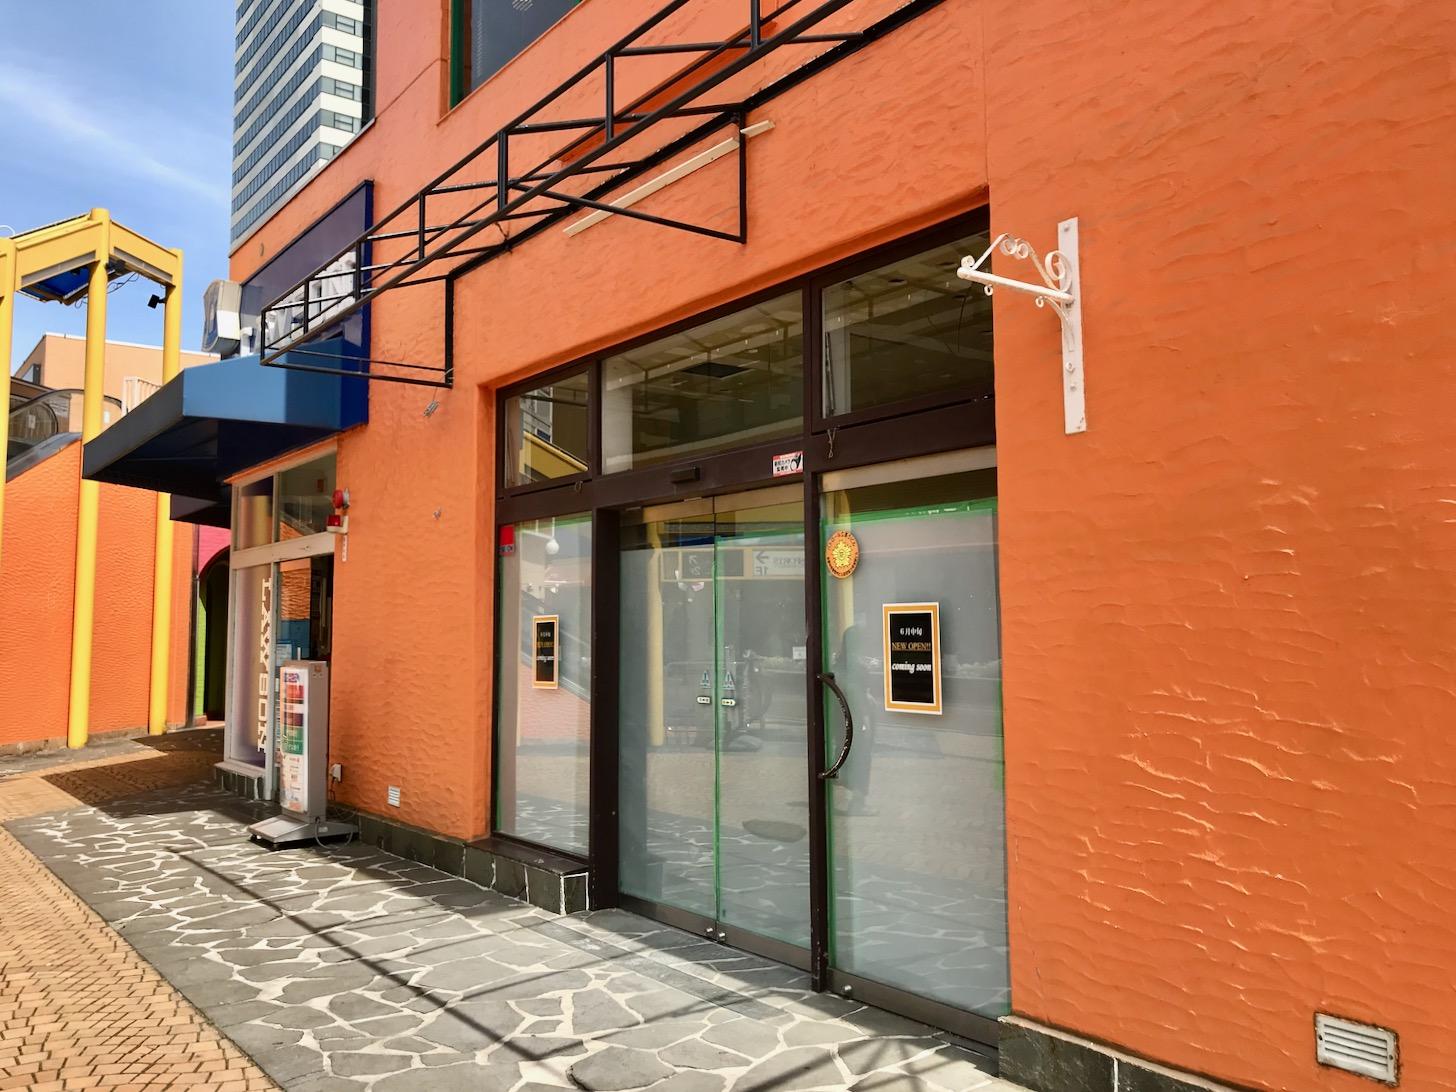 丘の上パティオ1階に「ドトール珈琲店 多摩センター店」が6月中旬にオープン予定!